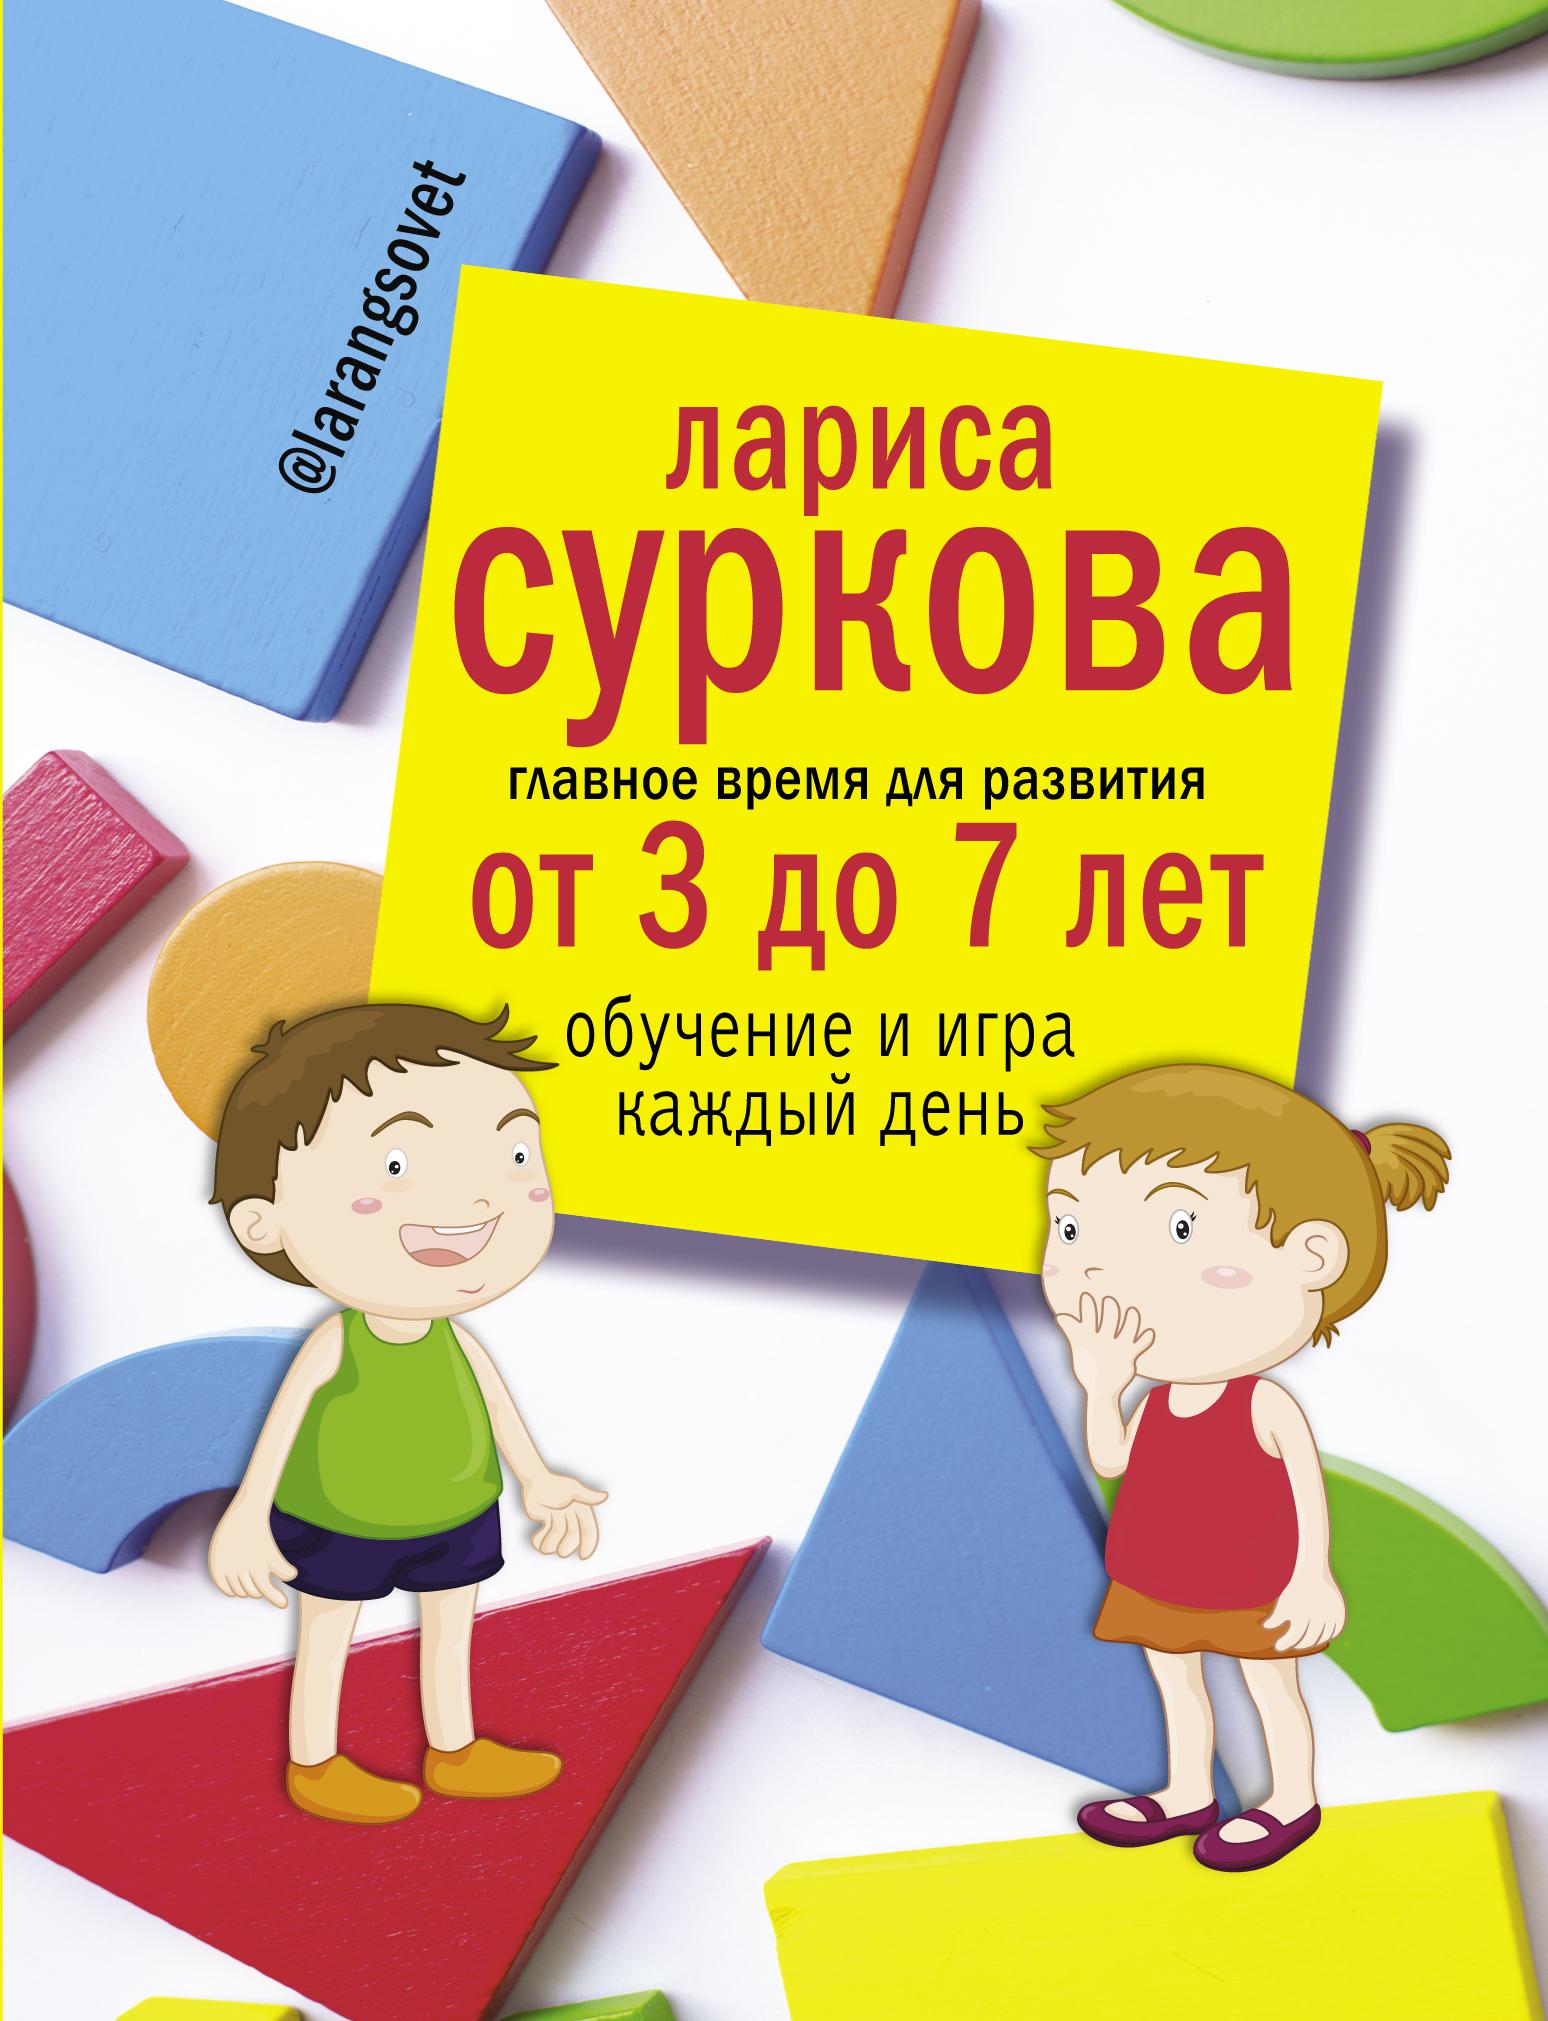 Главное время для развития от 3 до 7 лет. Обучение и игра каждый день. Суркова  Лариса  Михайловна